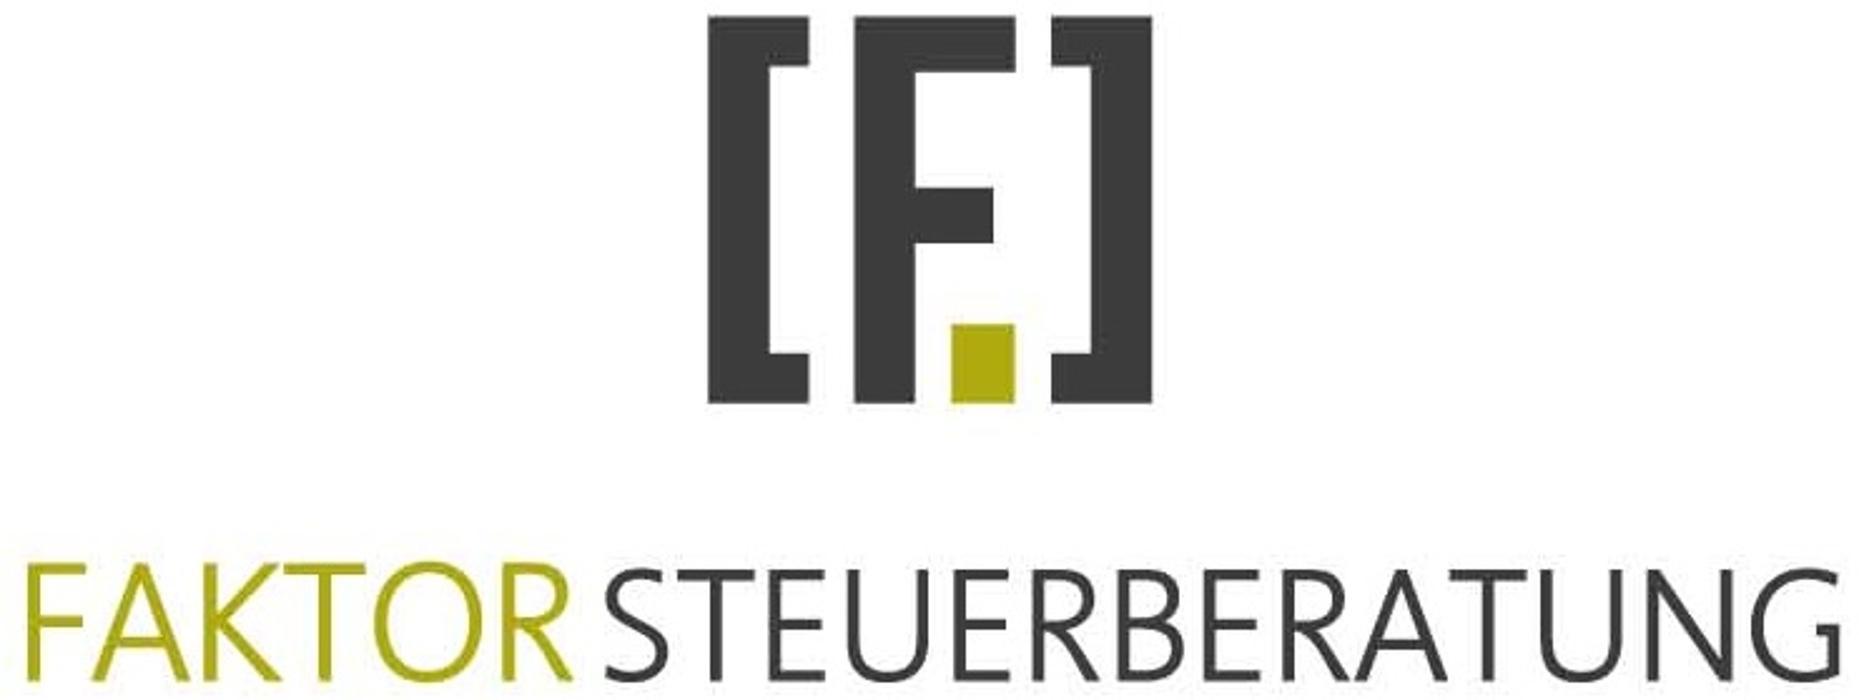 Bild zu BASSLER ZIEGLER Steuerberatungsgesellschaft mbH in Böblingen